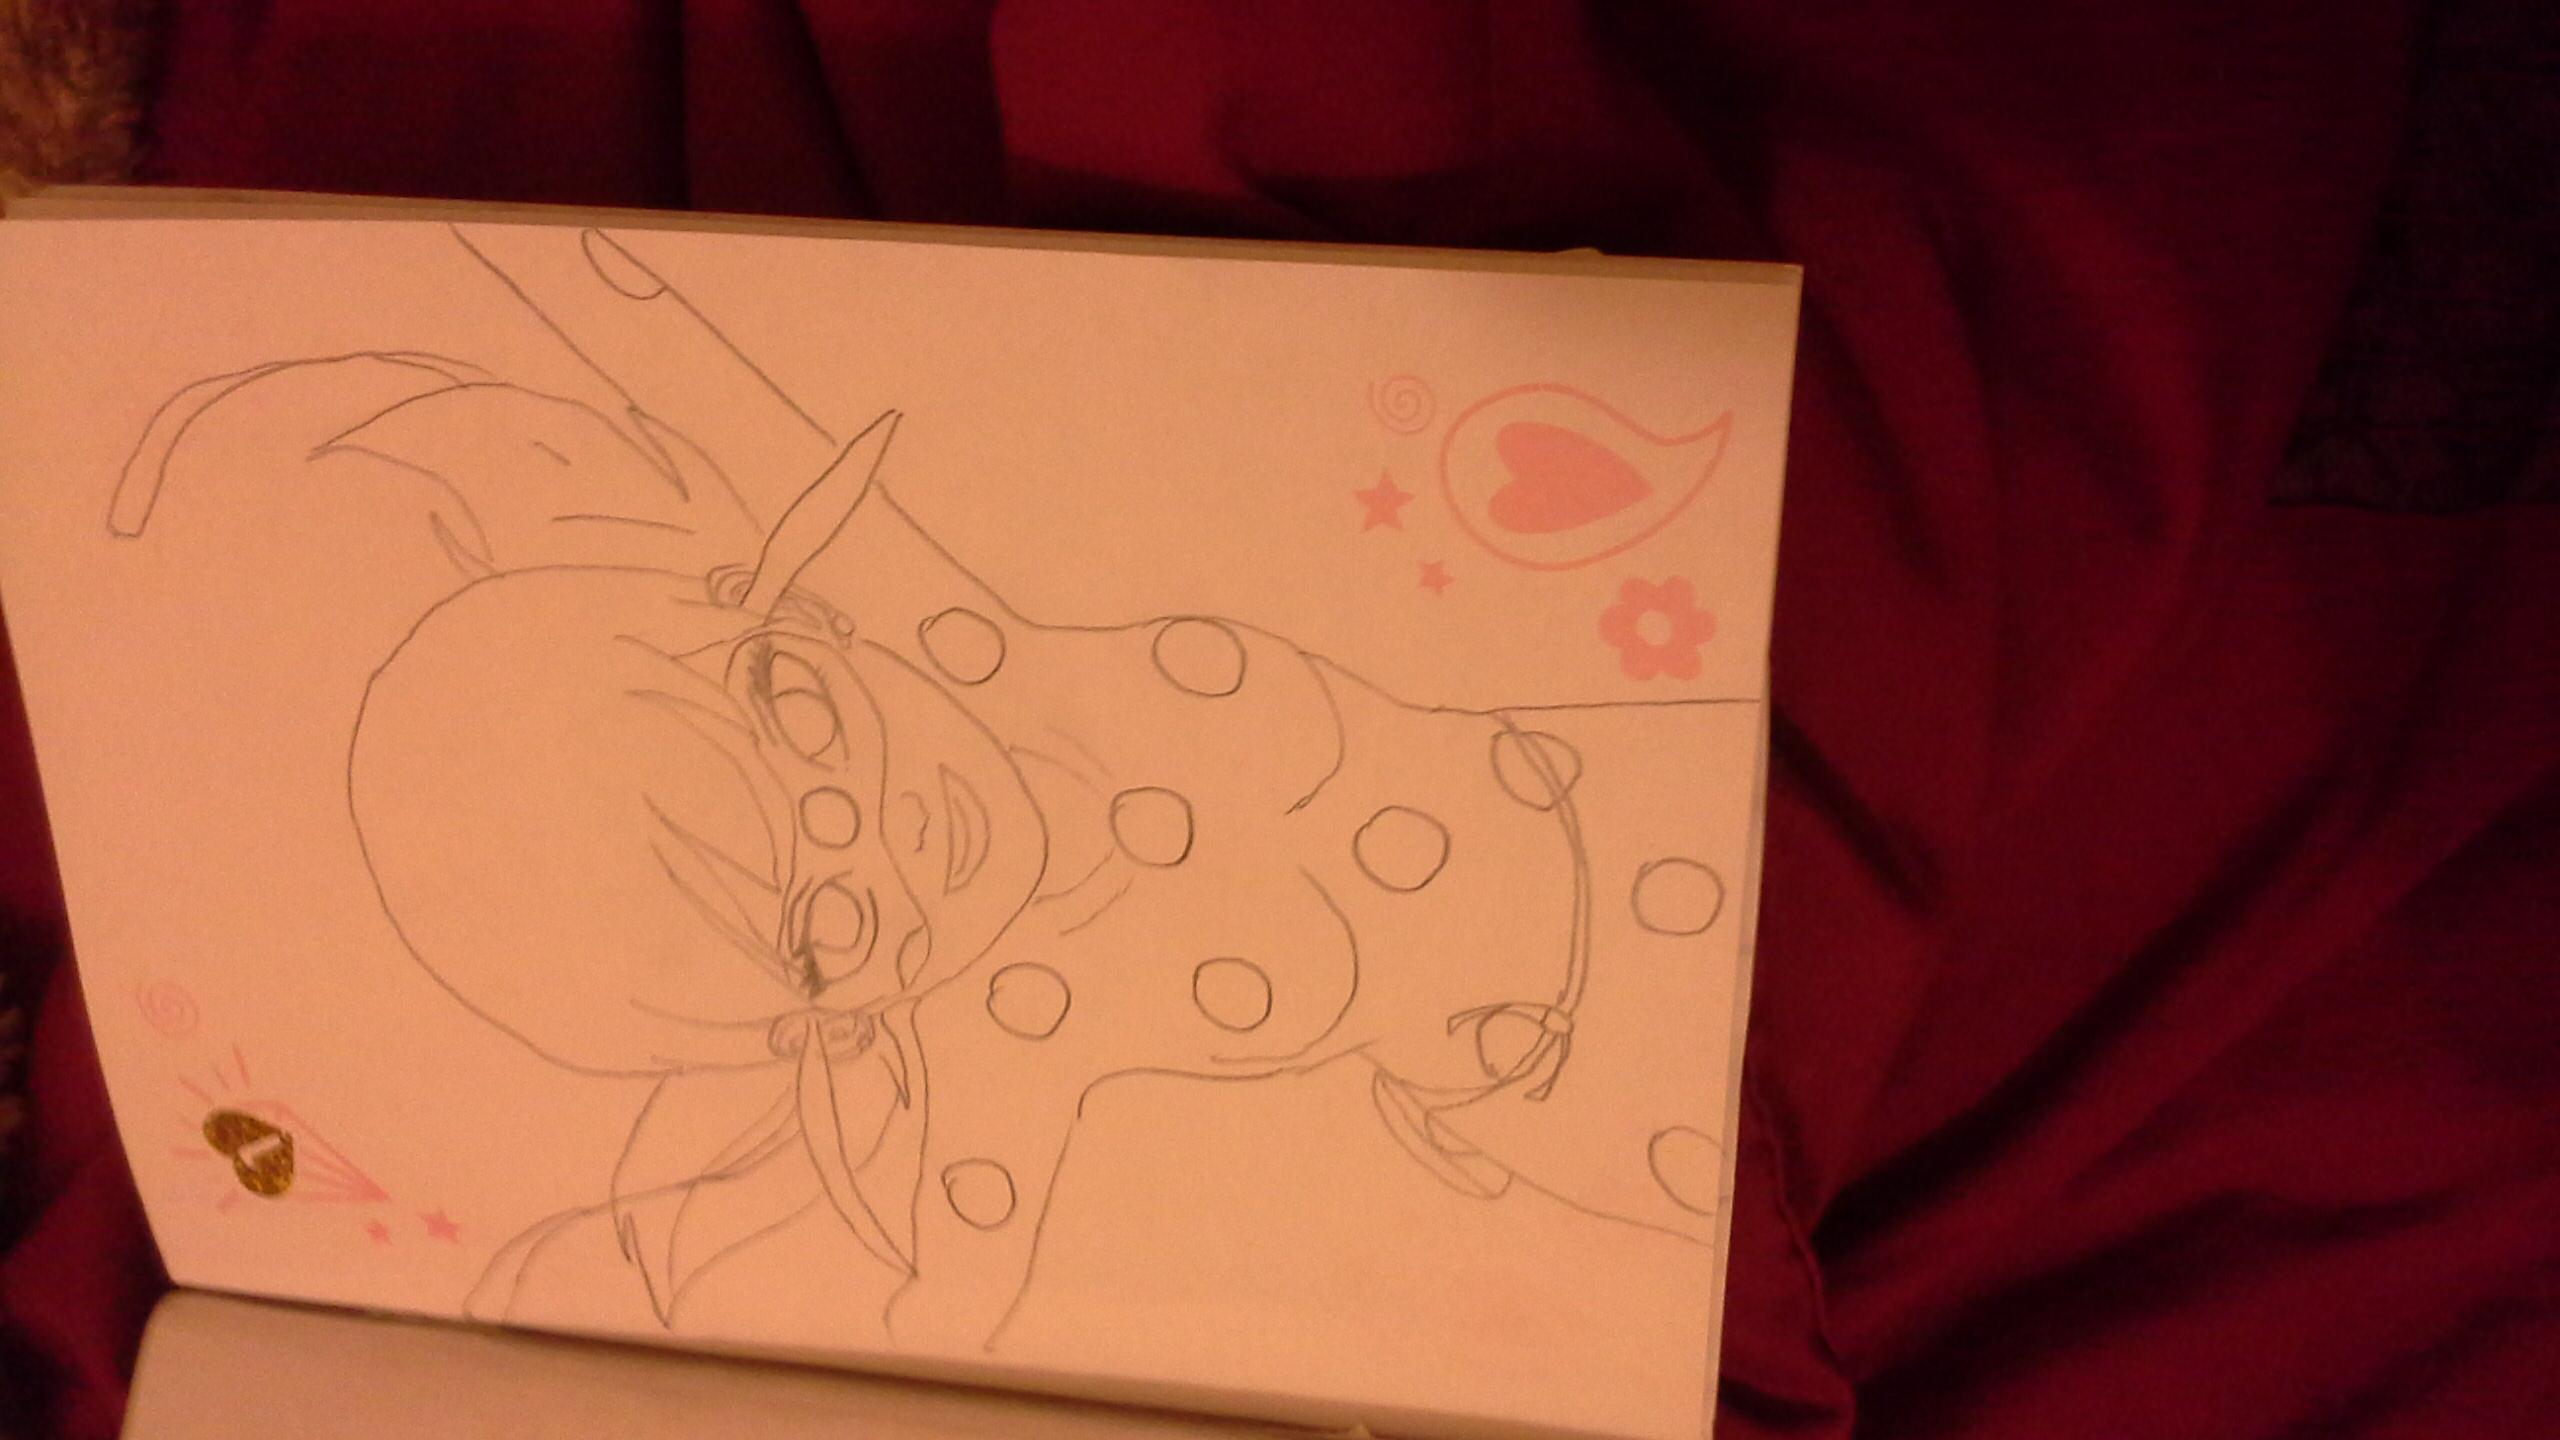 I also drew ladybug